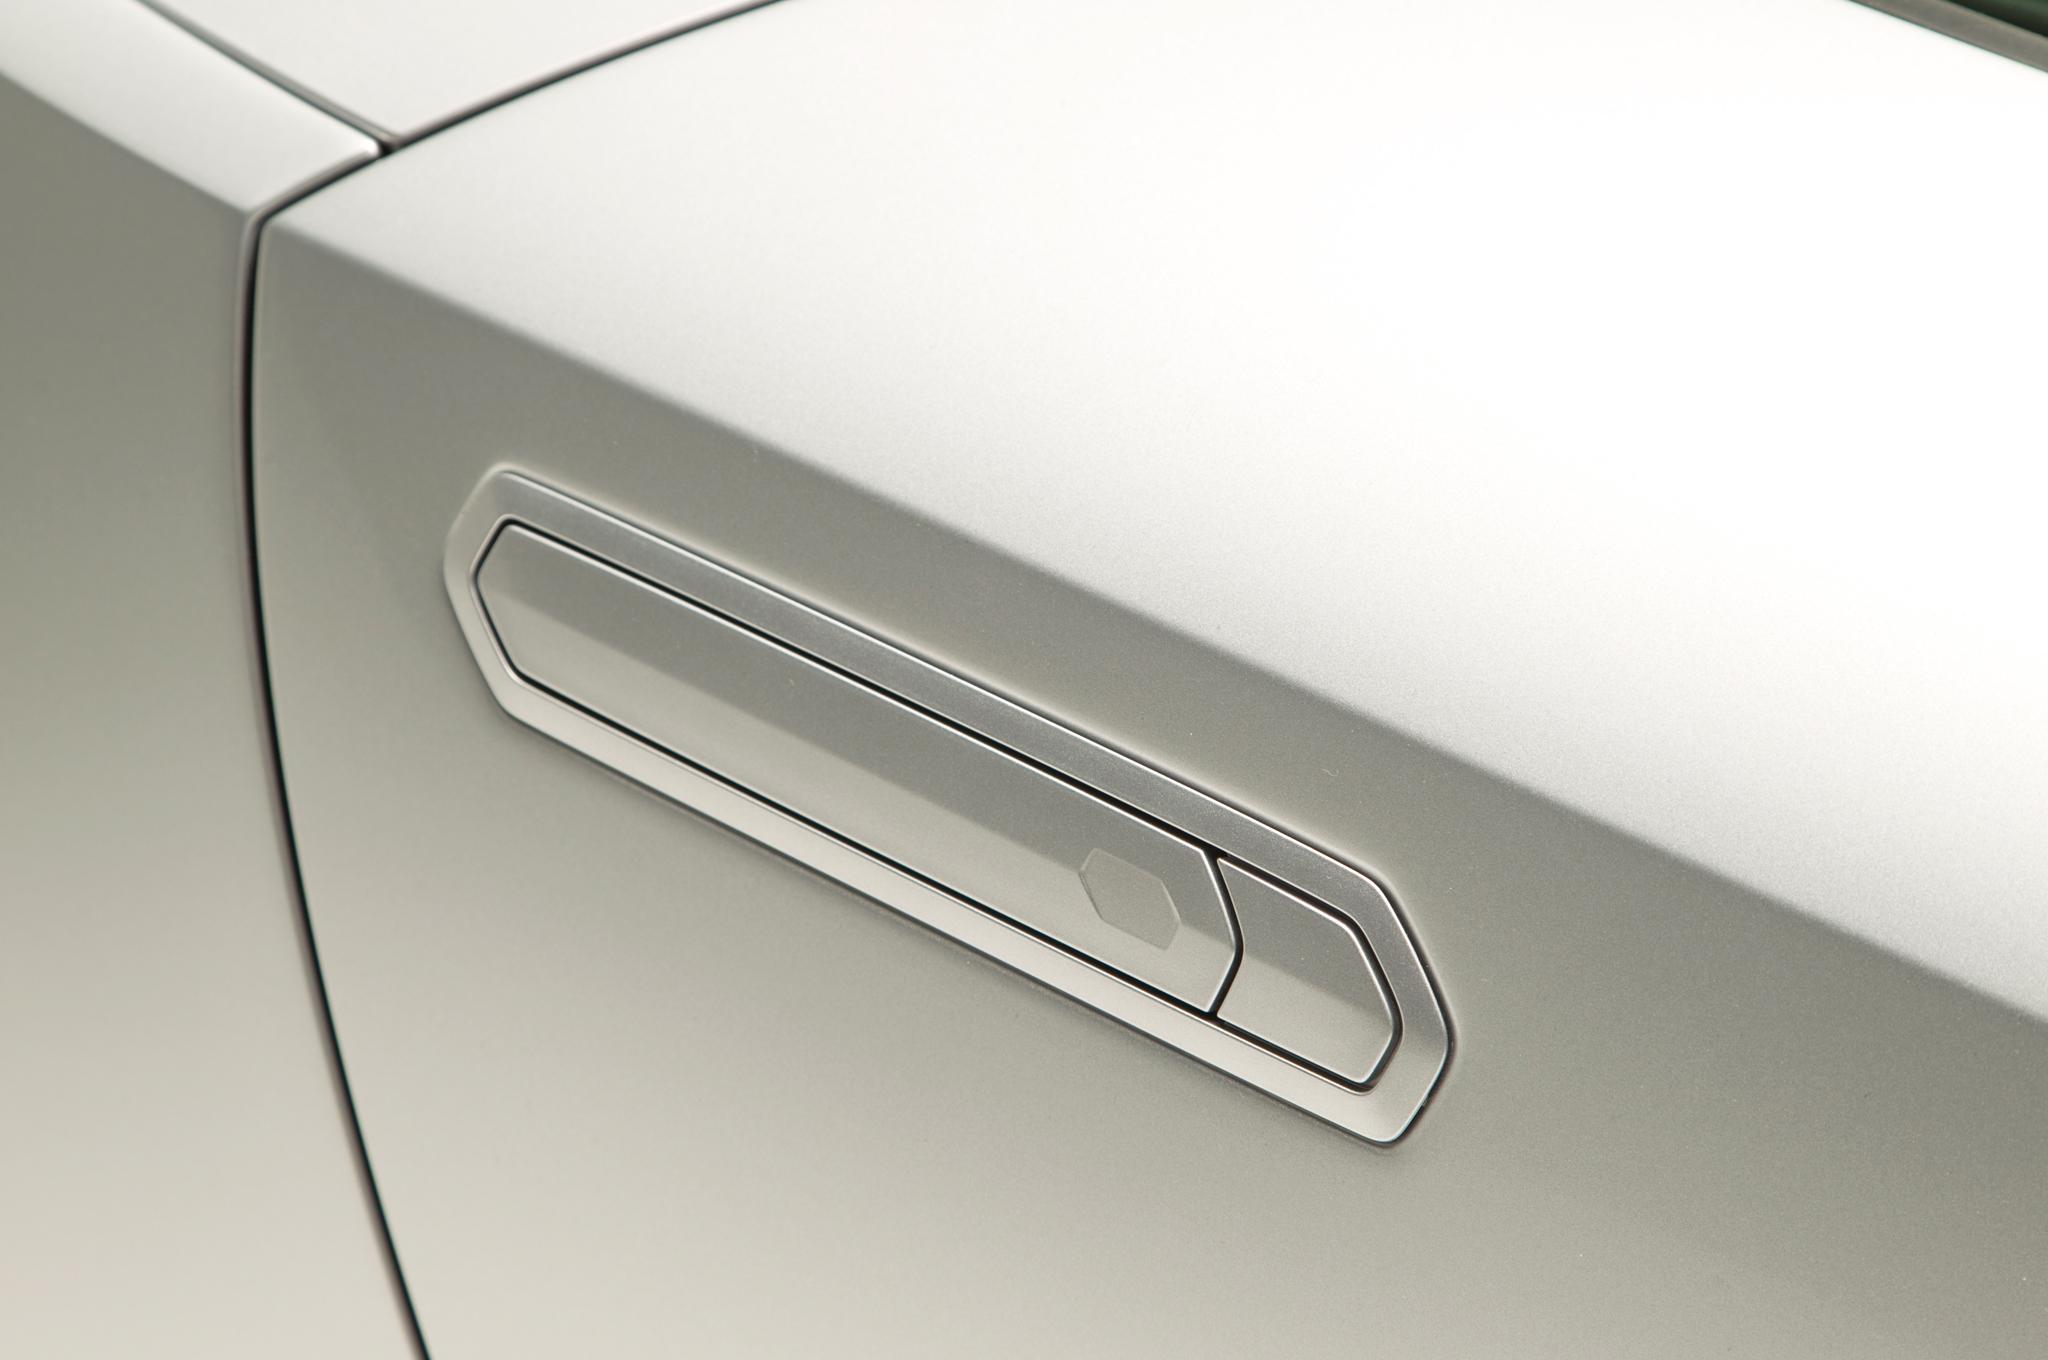 http—image.motortrend.com-f-roadtests-exotic-1312_2015_lamborghini_huracan_first_look-59411558-2015-Lamborghini-Huracan-door-handle